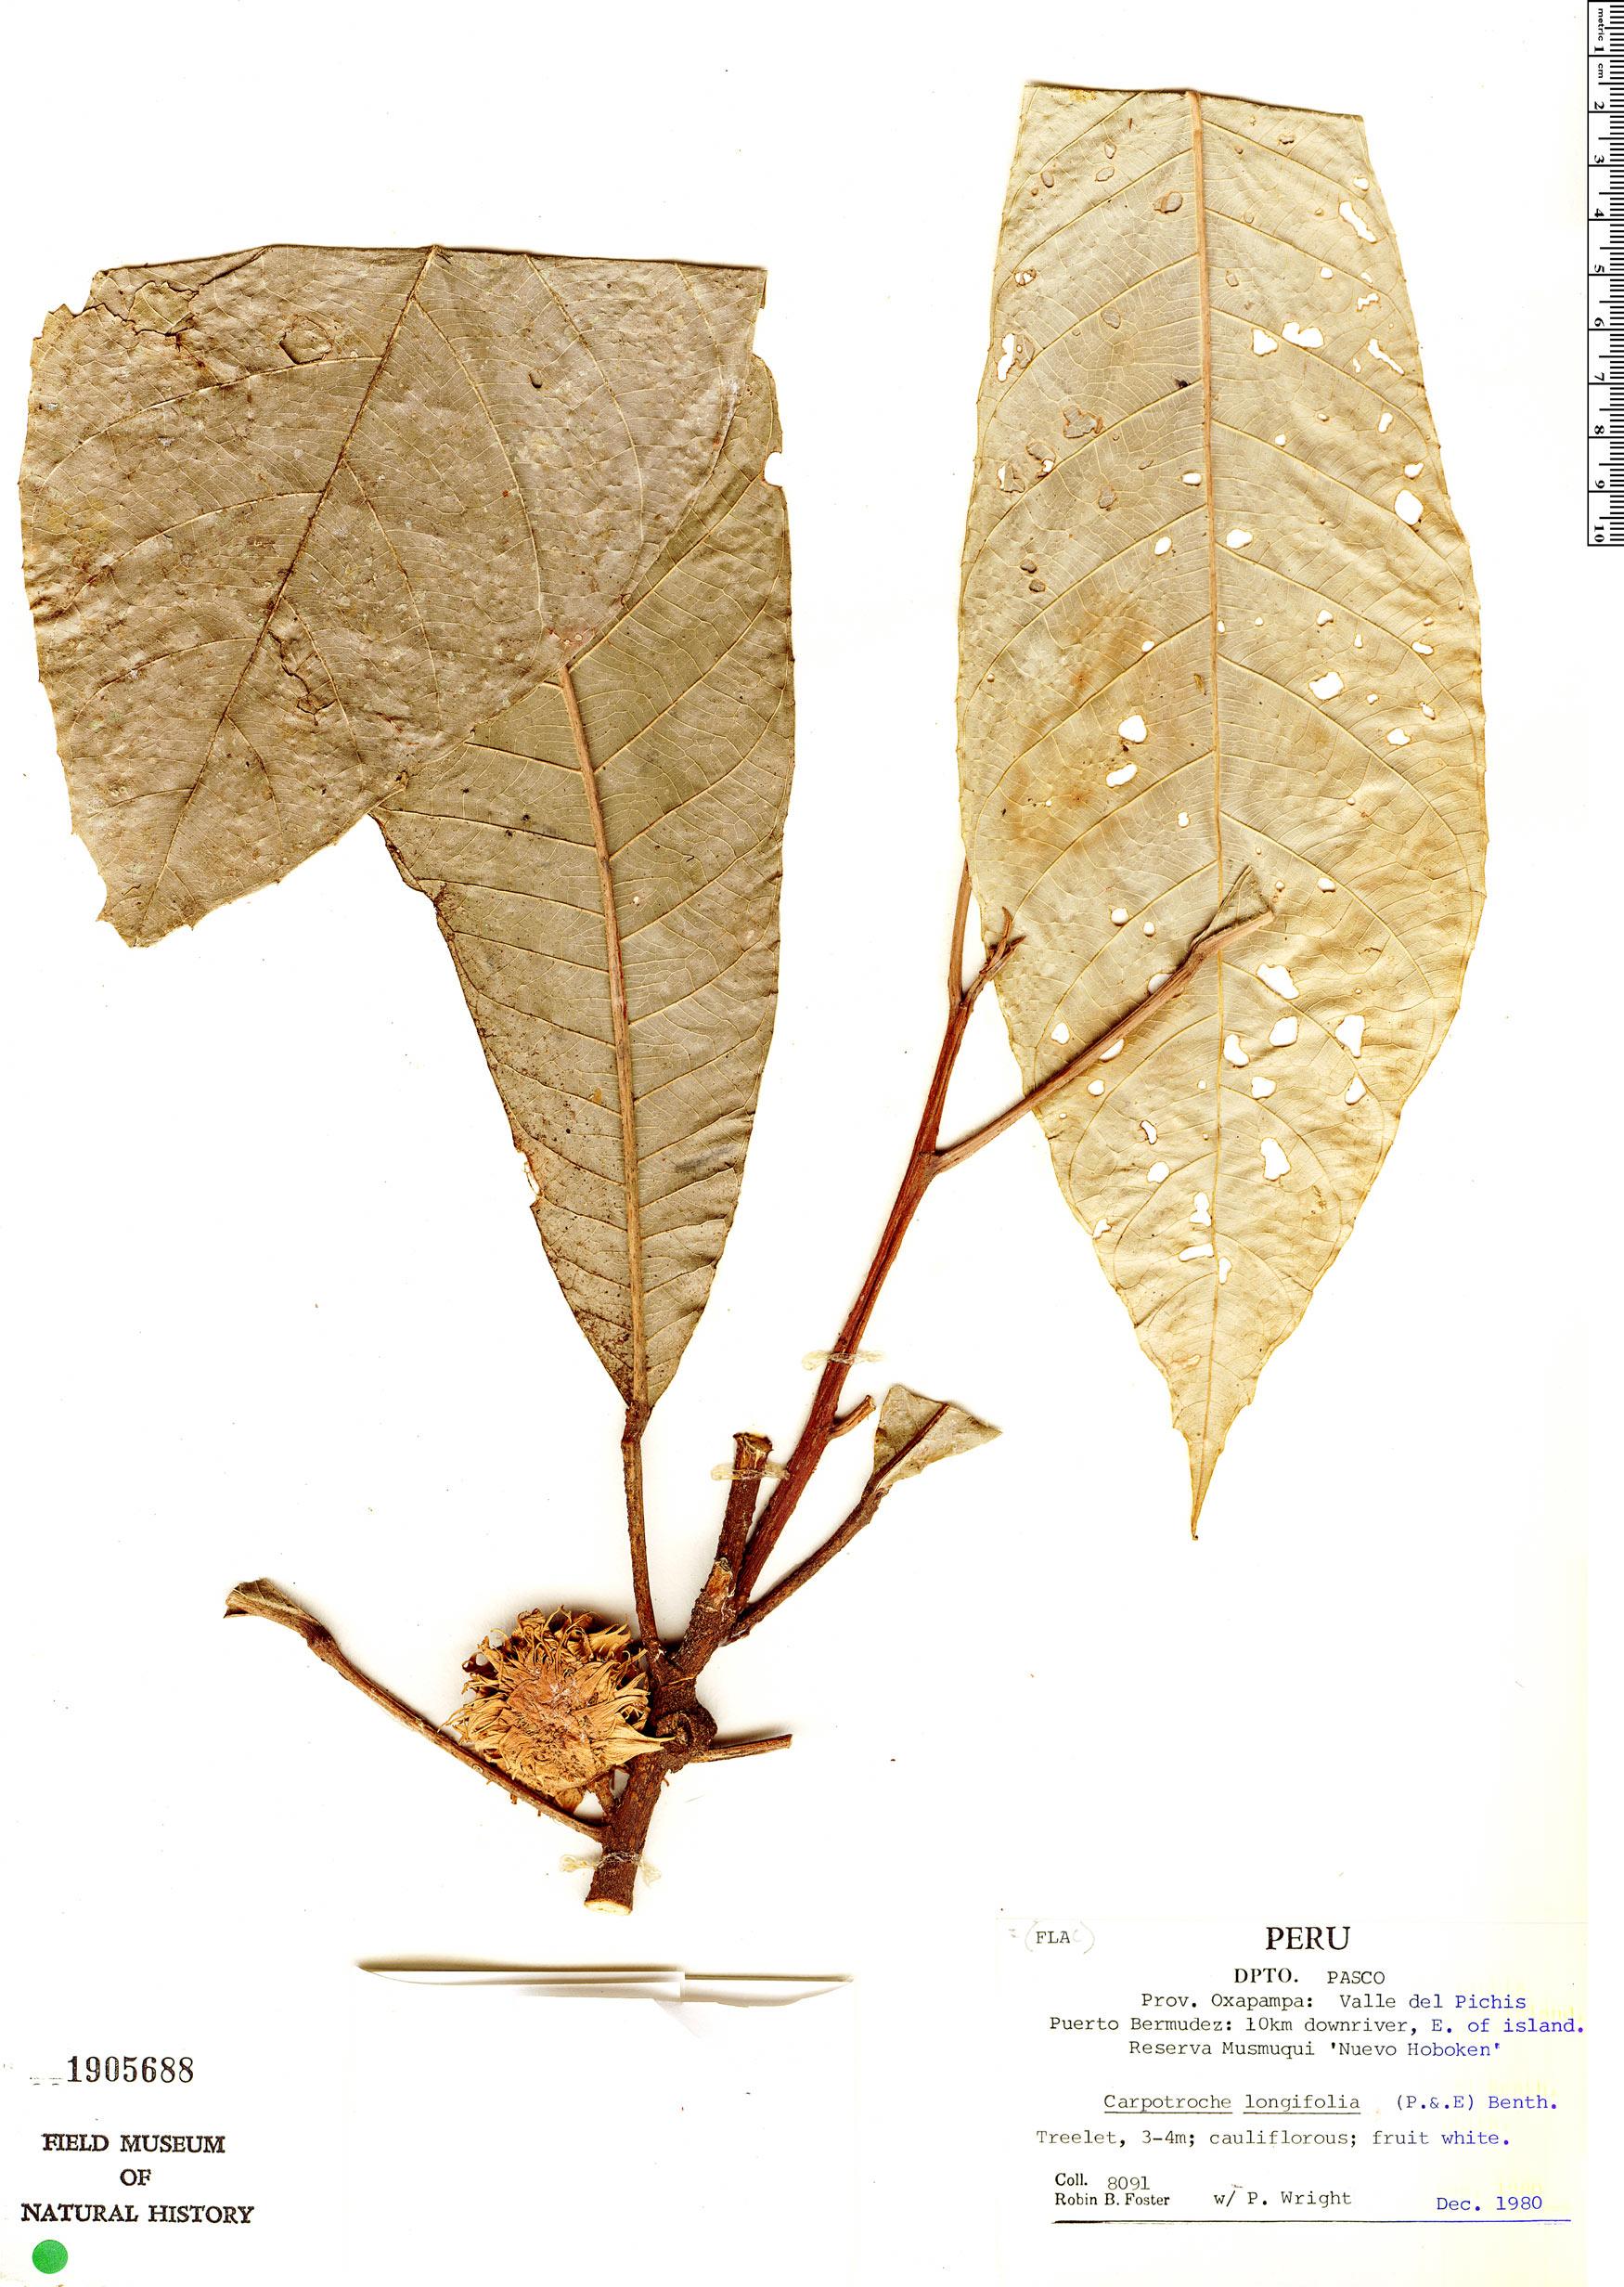 Specimen: Carpotroche longifolia